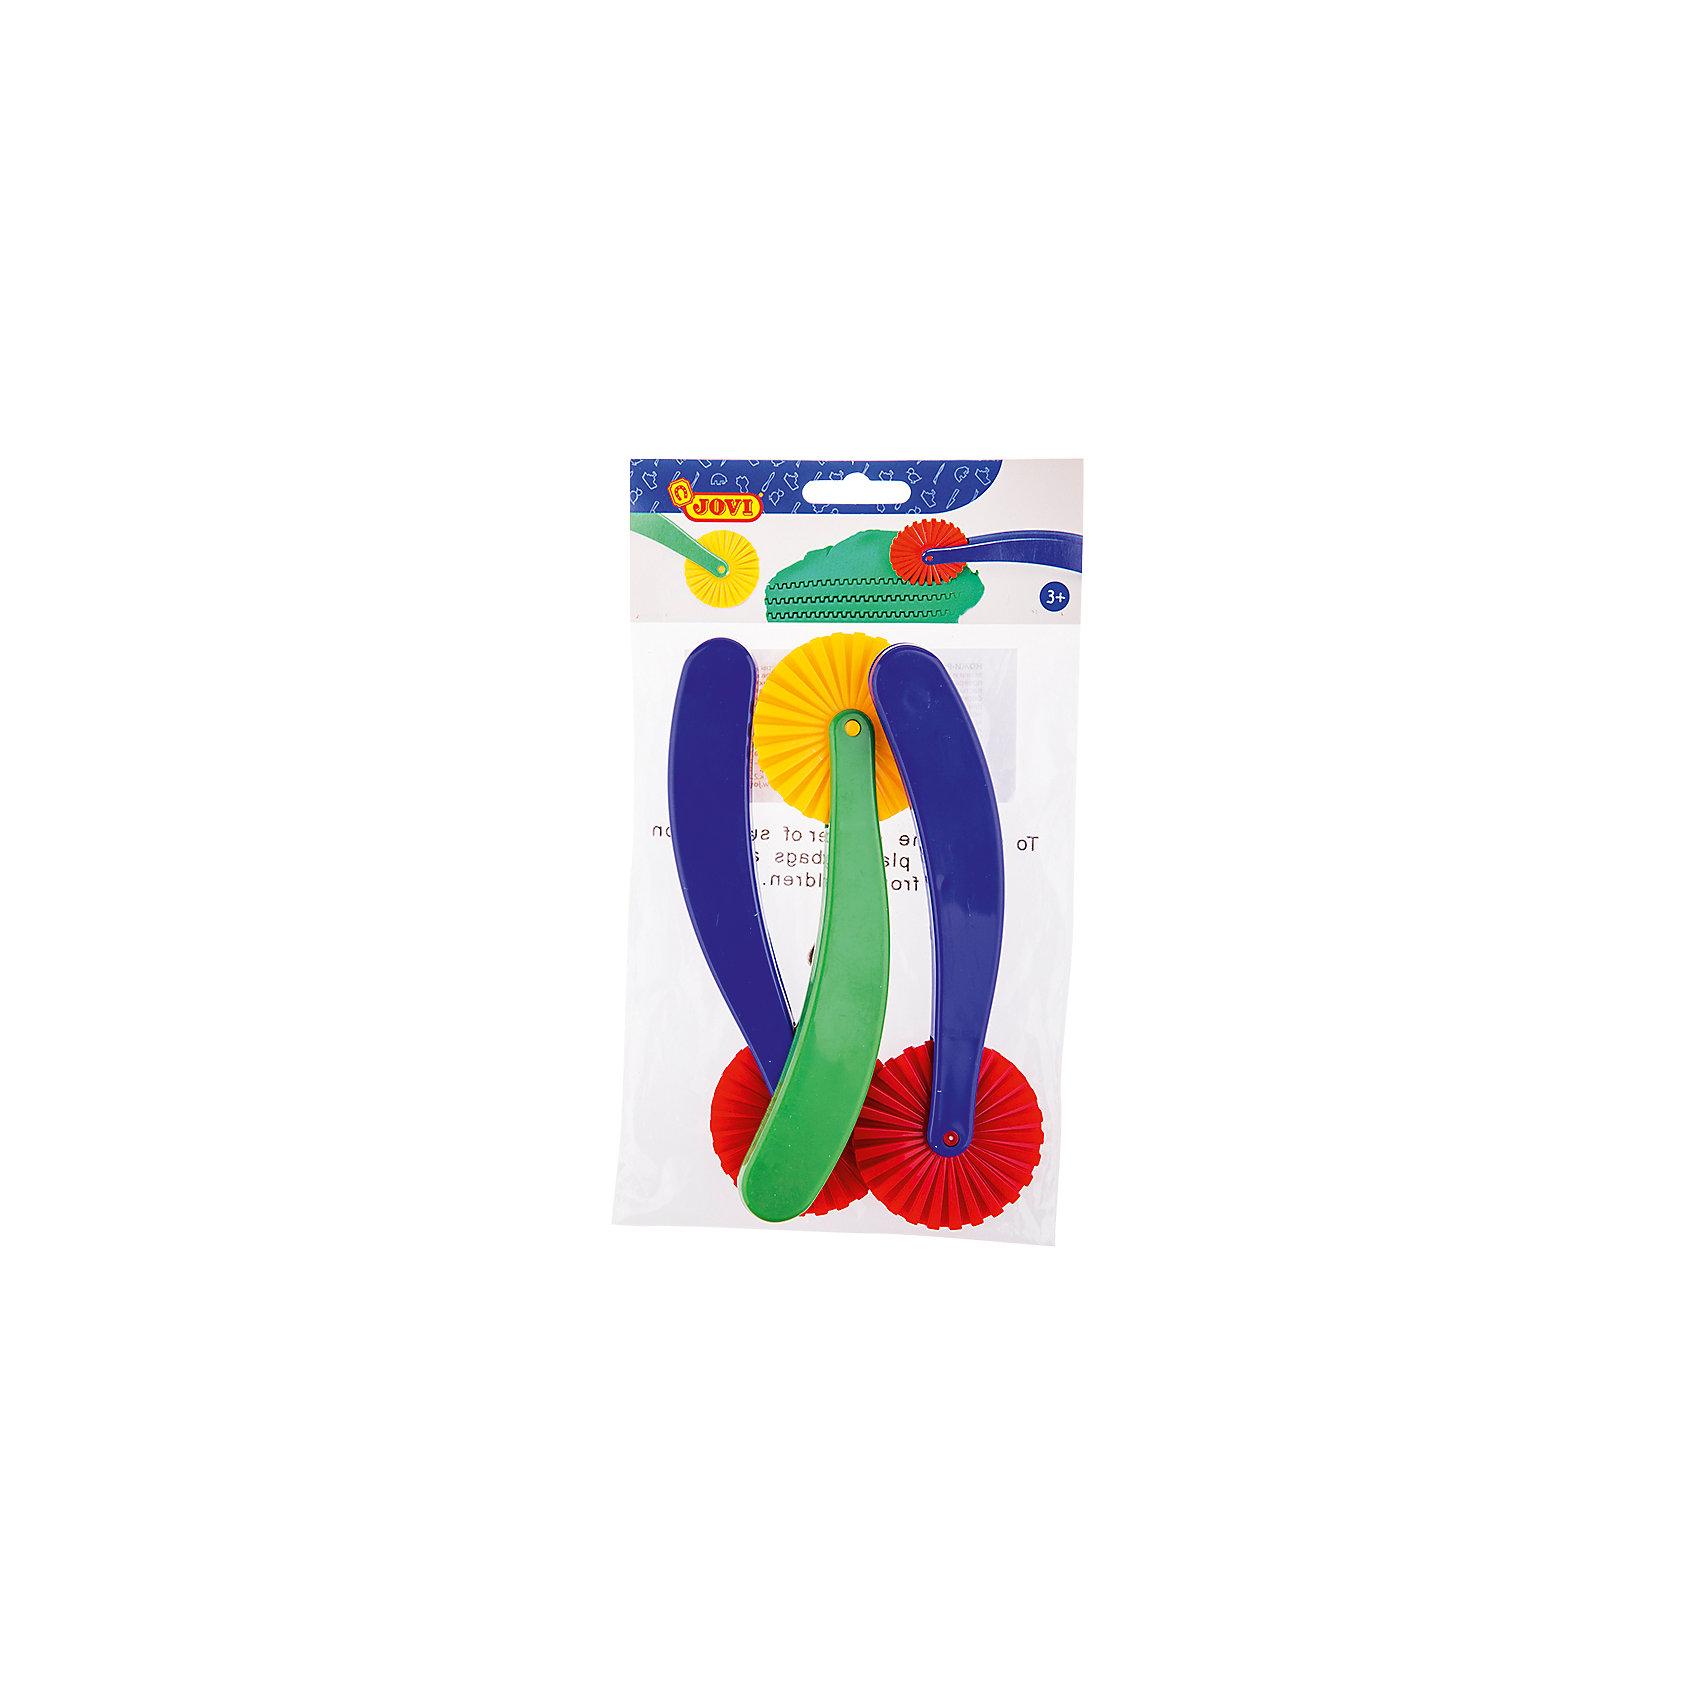 Ножи-роллеры для моделирования 3 шт JOVIАксессуары для творчества<br>Тип: инструменты для лепки<br>Материал: полипропилен<br>Количество предметов: 3<br>Упаковка ед. товара: блистер<br>Ножи-роллеры пластиковые для лепки и моделирования из пластилина и различных видов паст 3 штуки в пакете с европодвесом. Они превратят процесс лепки в увлекательную игру для ребенка. Пластилин и все пасты для лепки JOVI прекрасно раскатываются, принимают желаемую форму, не липнут к рукам, хорошо отстирываются. Идеально подойдут как для детского творчества, так и для профессиональных занятий лепкой. Их можно использовать дома, в детском саду, школе, художественных студиях, кружках и на дополнительных занятиях для детей. Помогут создать оригинальные формы и узоры, сделать резной край изделия.<br><br>Ширина мм: 150<br>Глубина мм: 60<br>Высота мм: 6<br>Вес г: 94<br>Возраст от месяцев: 36<br>Возраст до месяцев: 2147483647<br>Пол: Унисекс<br>Возраст: Детский<br>SKU: 7044262